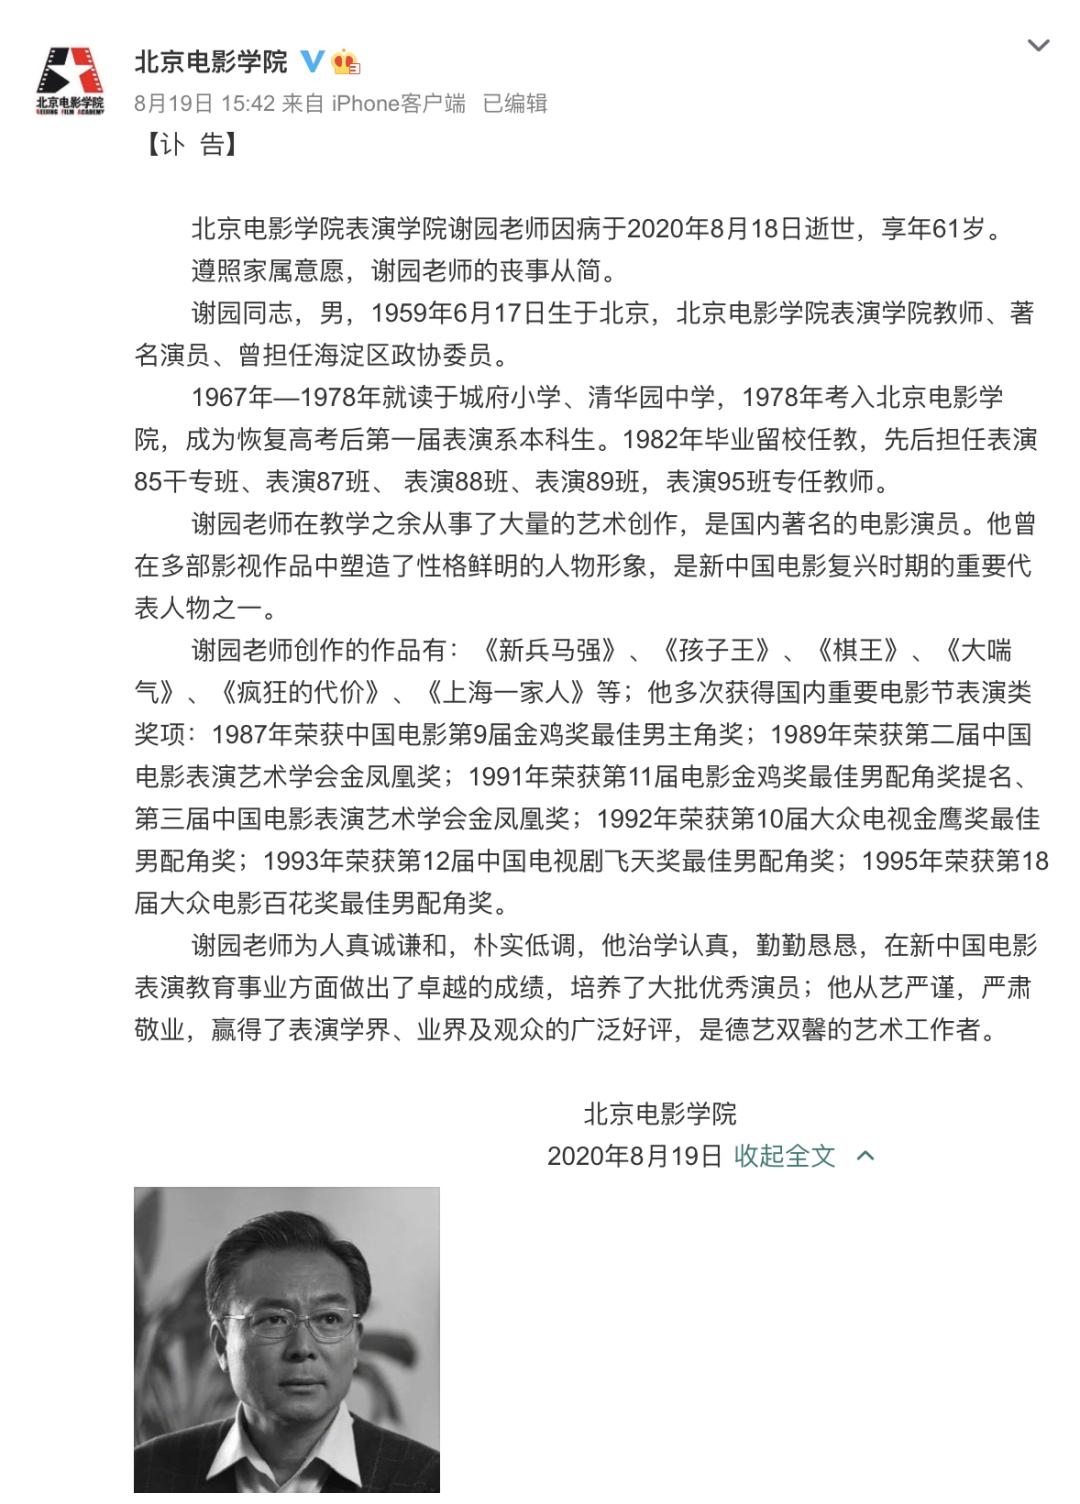 allbet开户:它来了!第十届北京国际电影节启动,有何亮点? 第7张